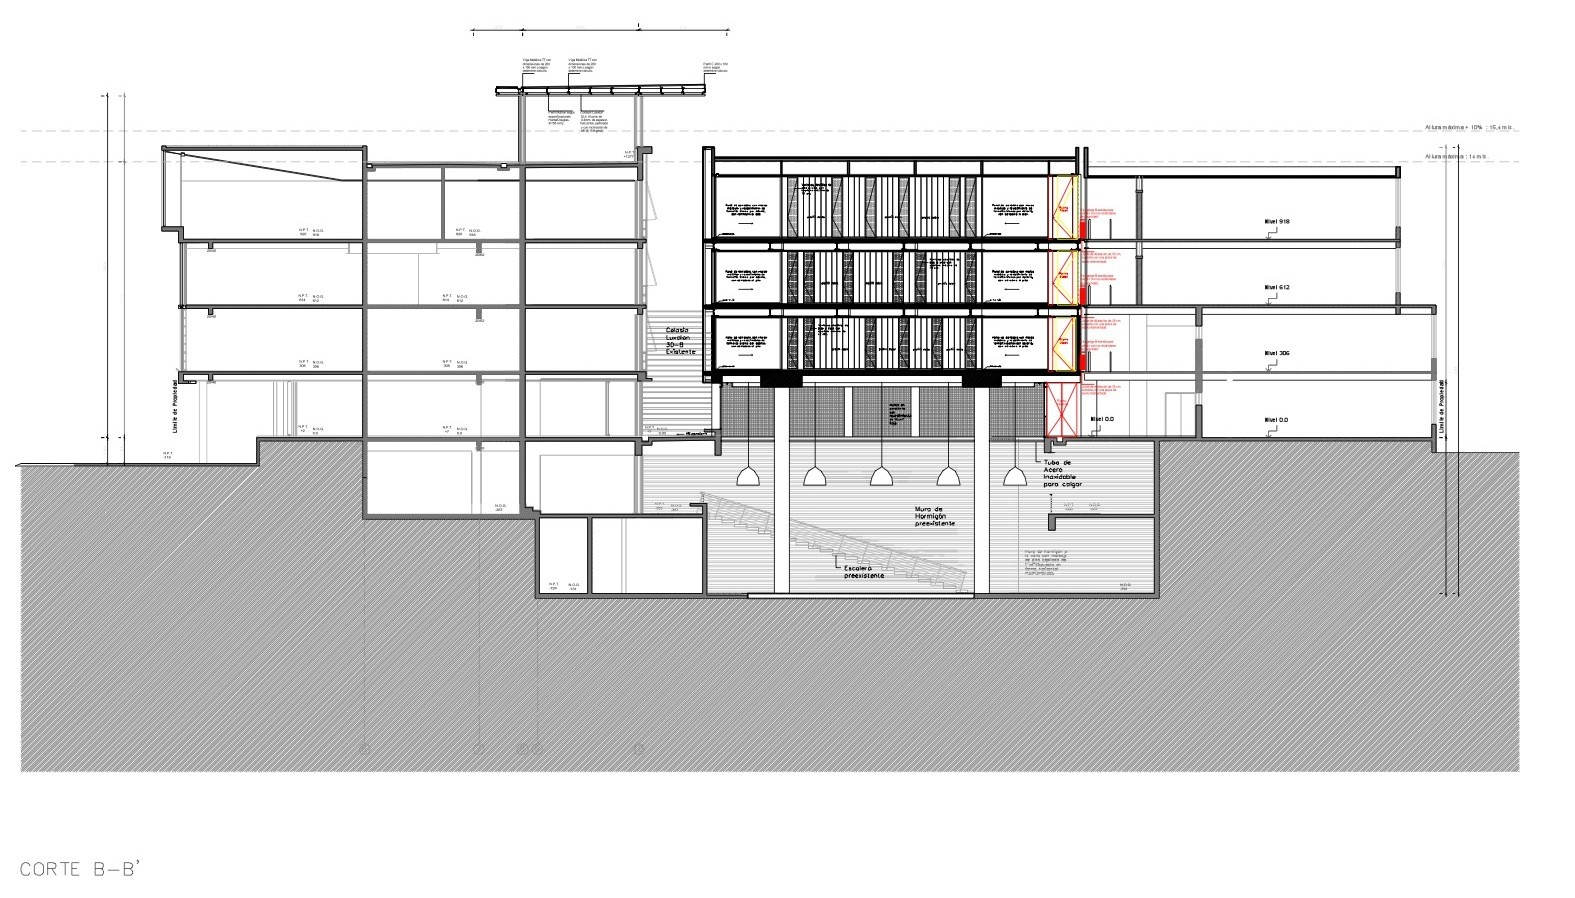 Galer a de ampliaci n facultad de arquitectura arte y for Arte arquitectura y diseno definicion